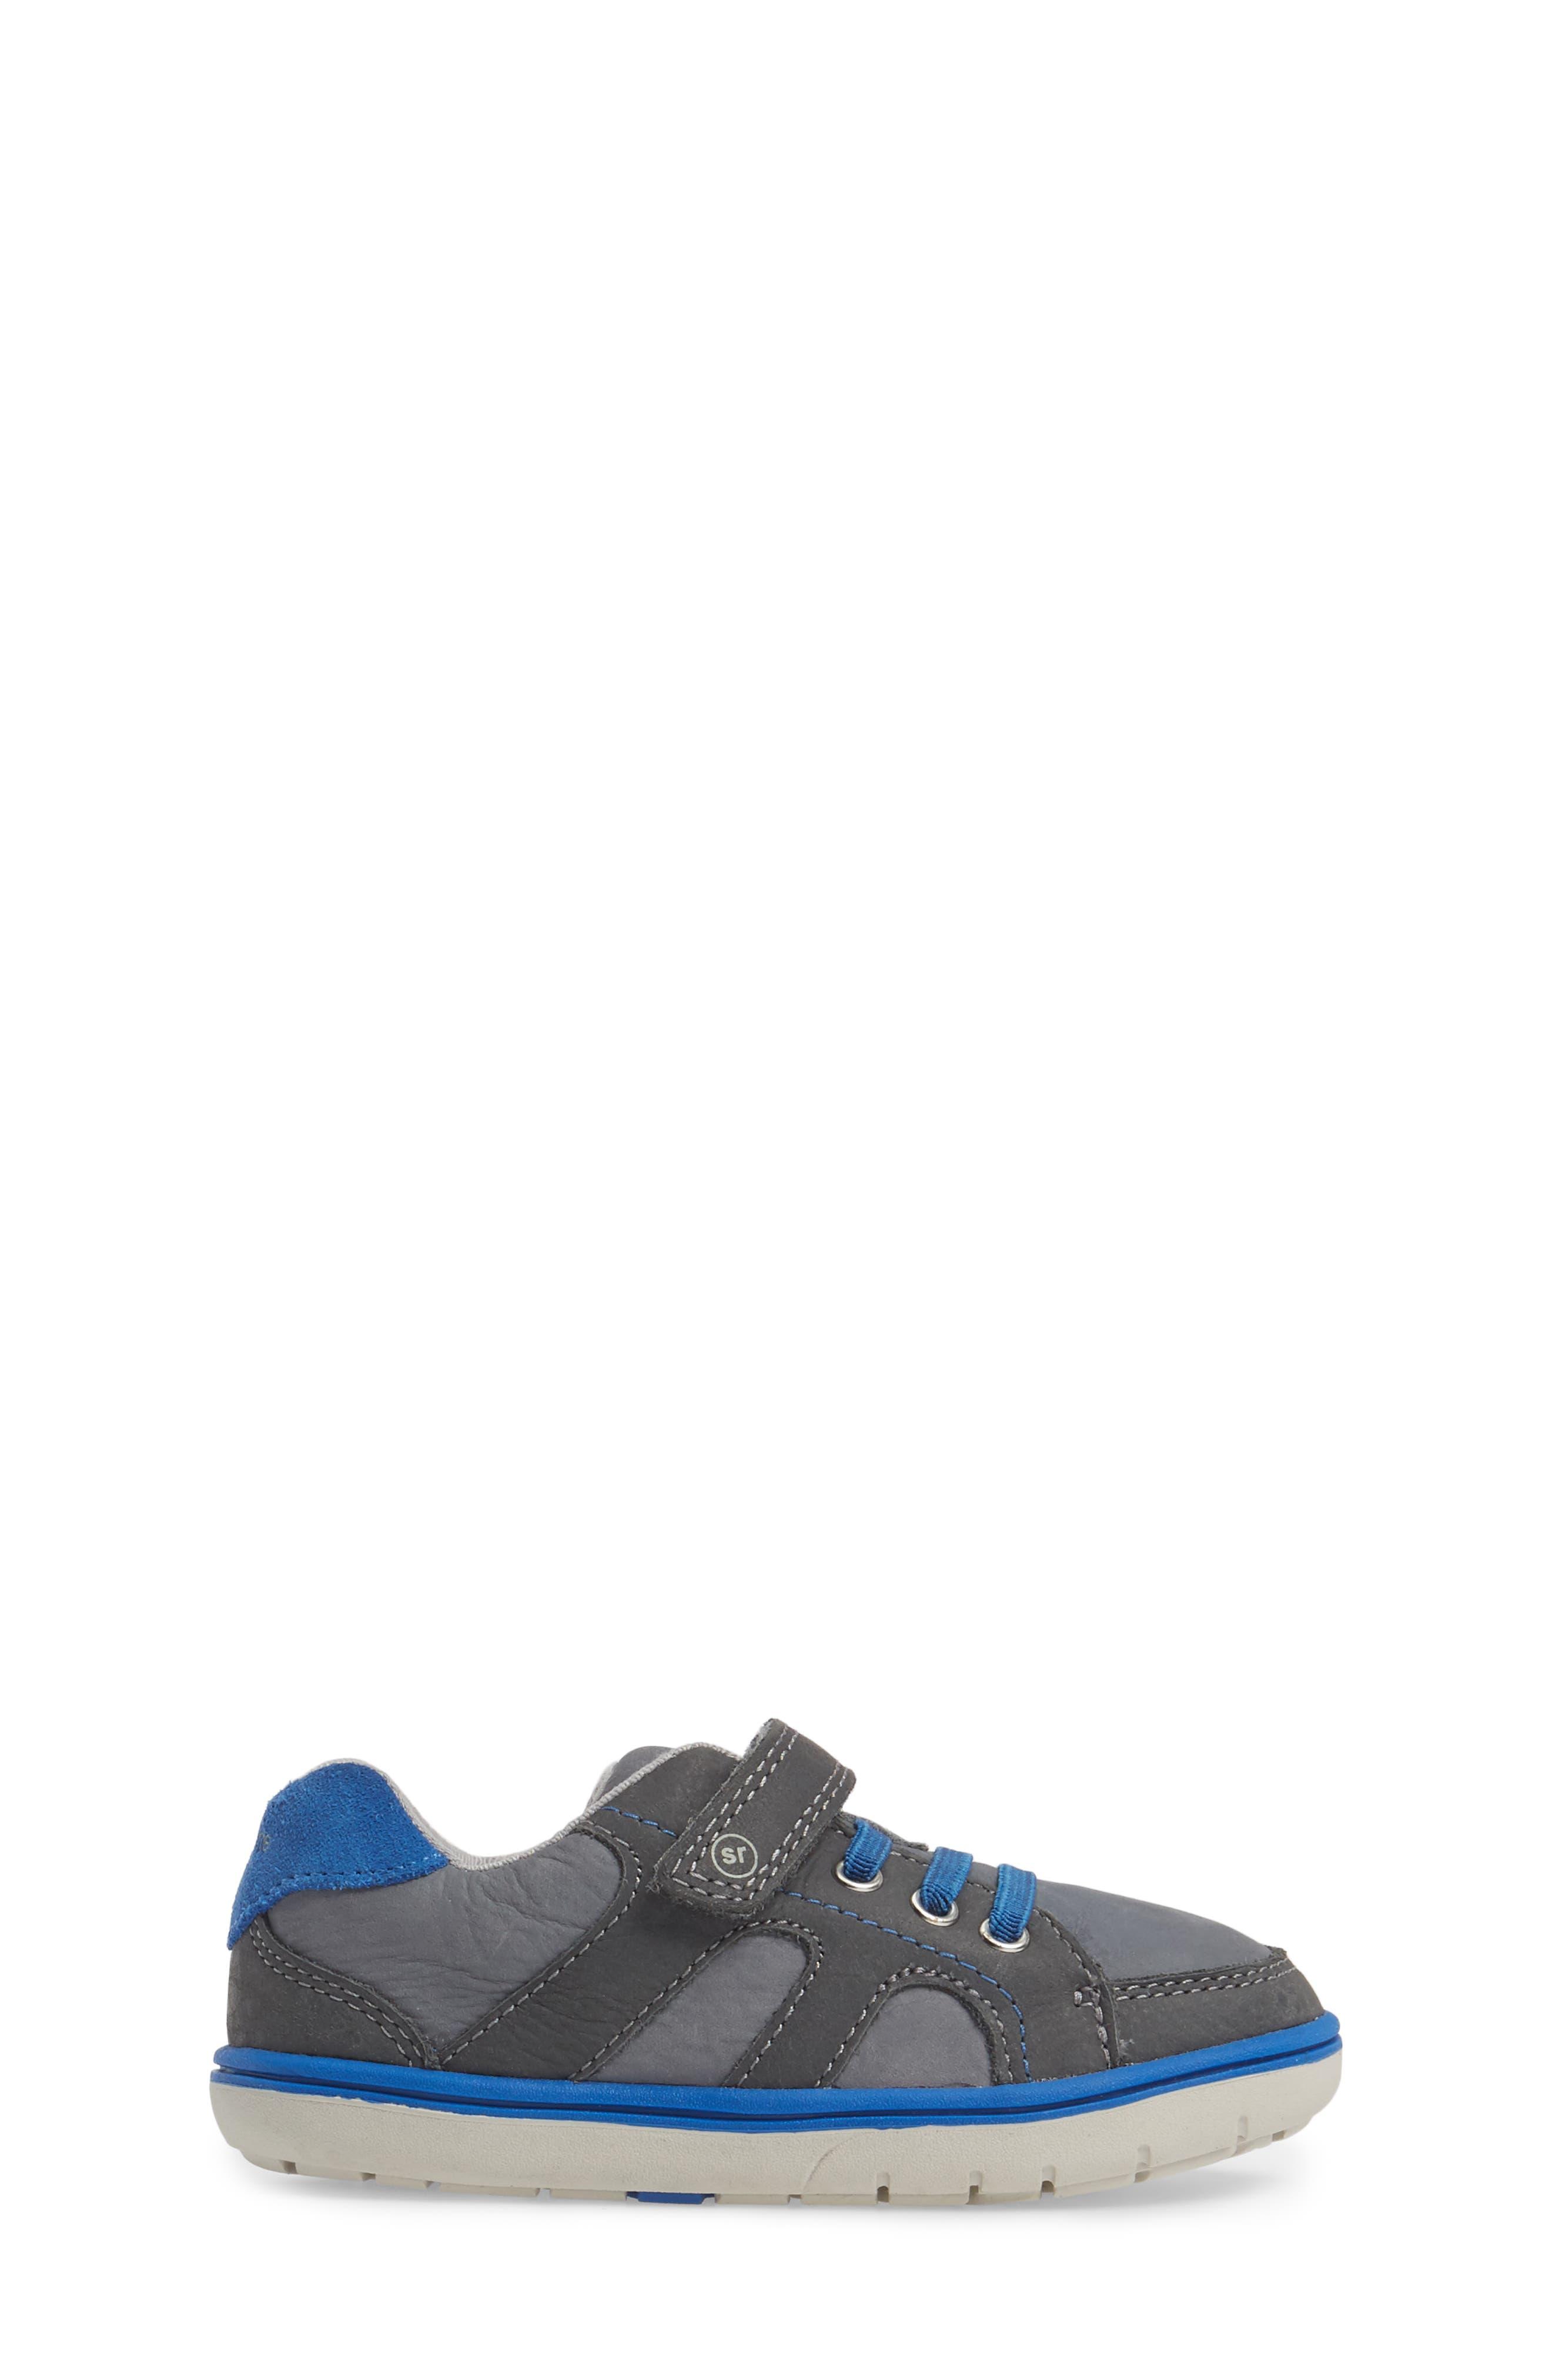 Alternate Image 3  - Stride Rite SRT Noe Sneaker (Baby, Walker, Toddler & Little Kid)